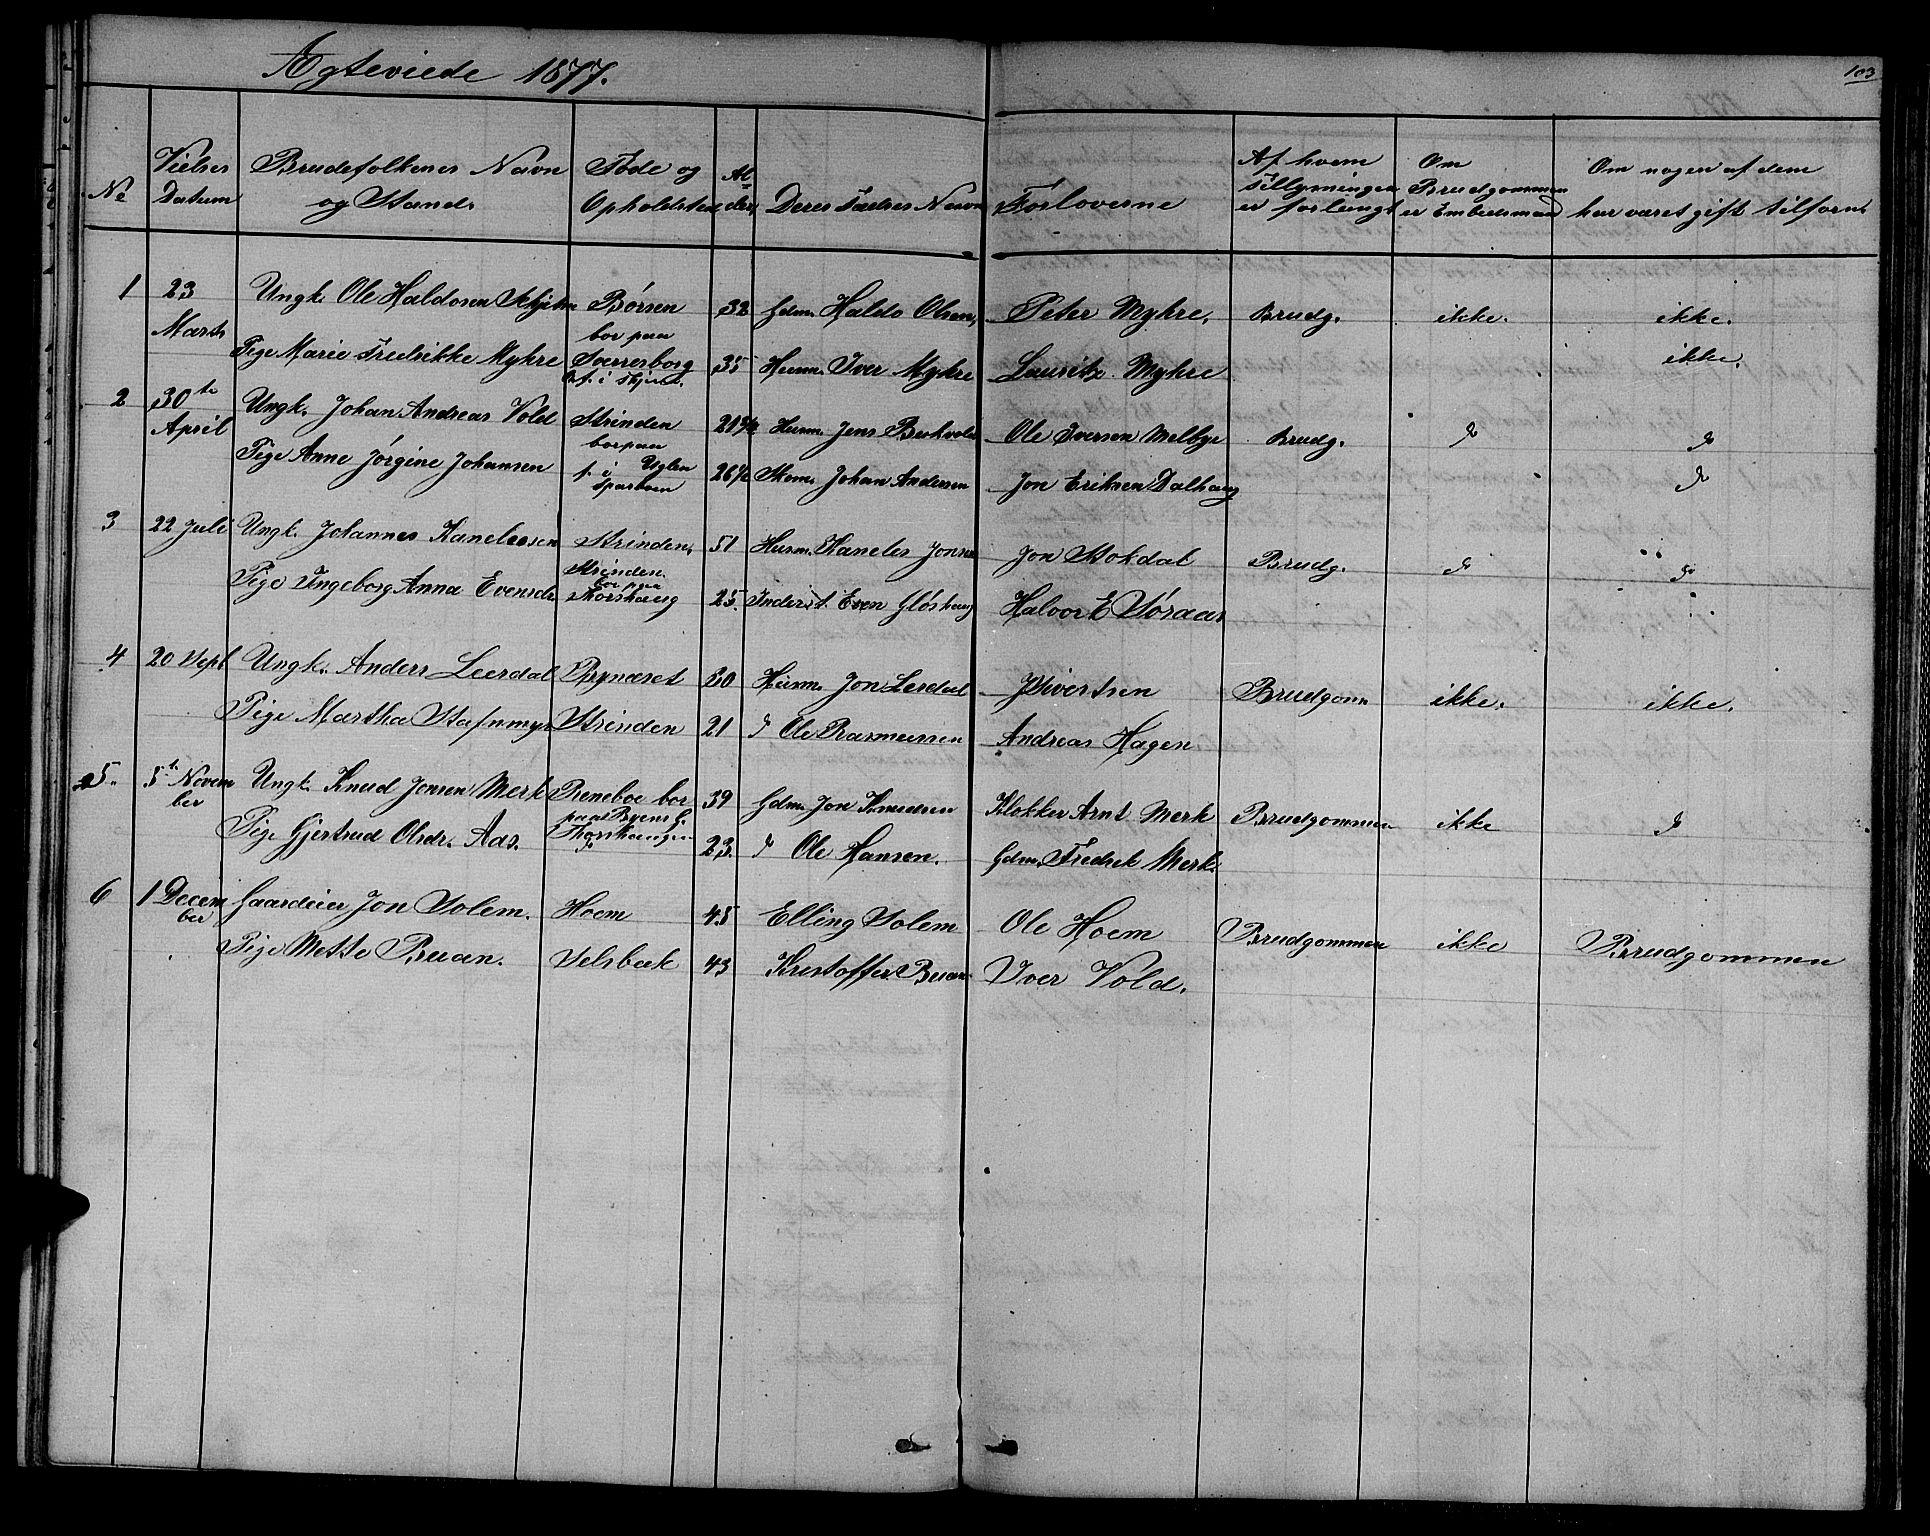 SAT, Ministerialprotokoller, klokkerbøker og fødselsregistre - Sør-Trøndelag, 611/L0353: Klokkerbok nr. 611C01, 1854-1881, s. 103